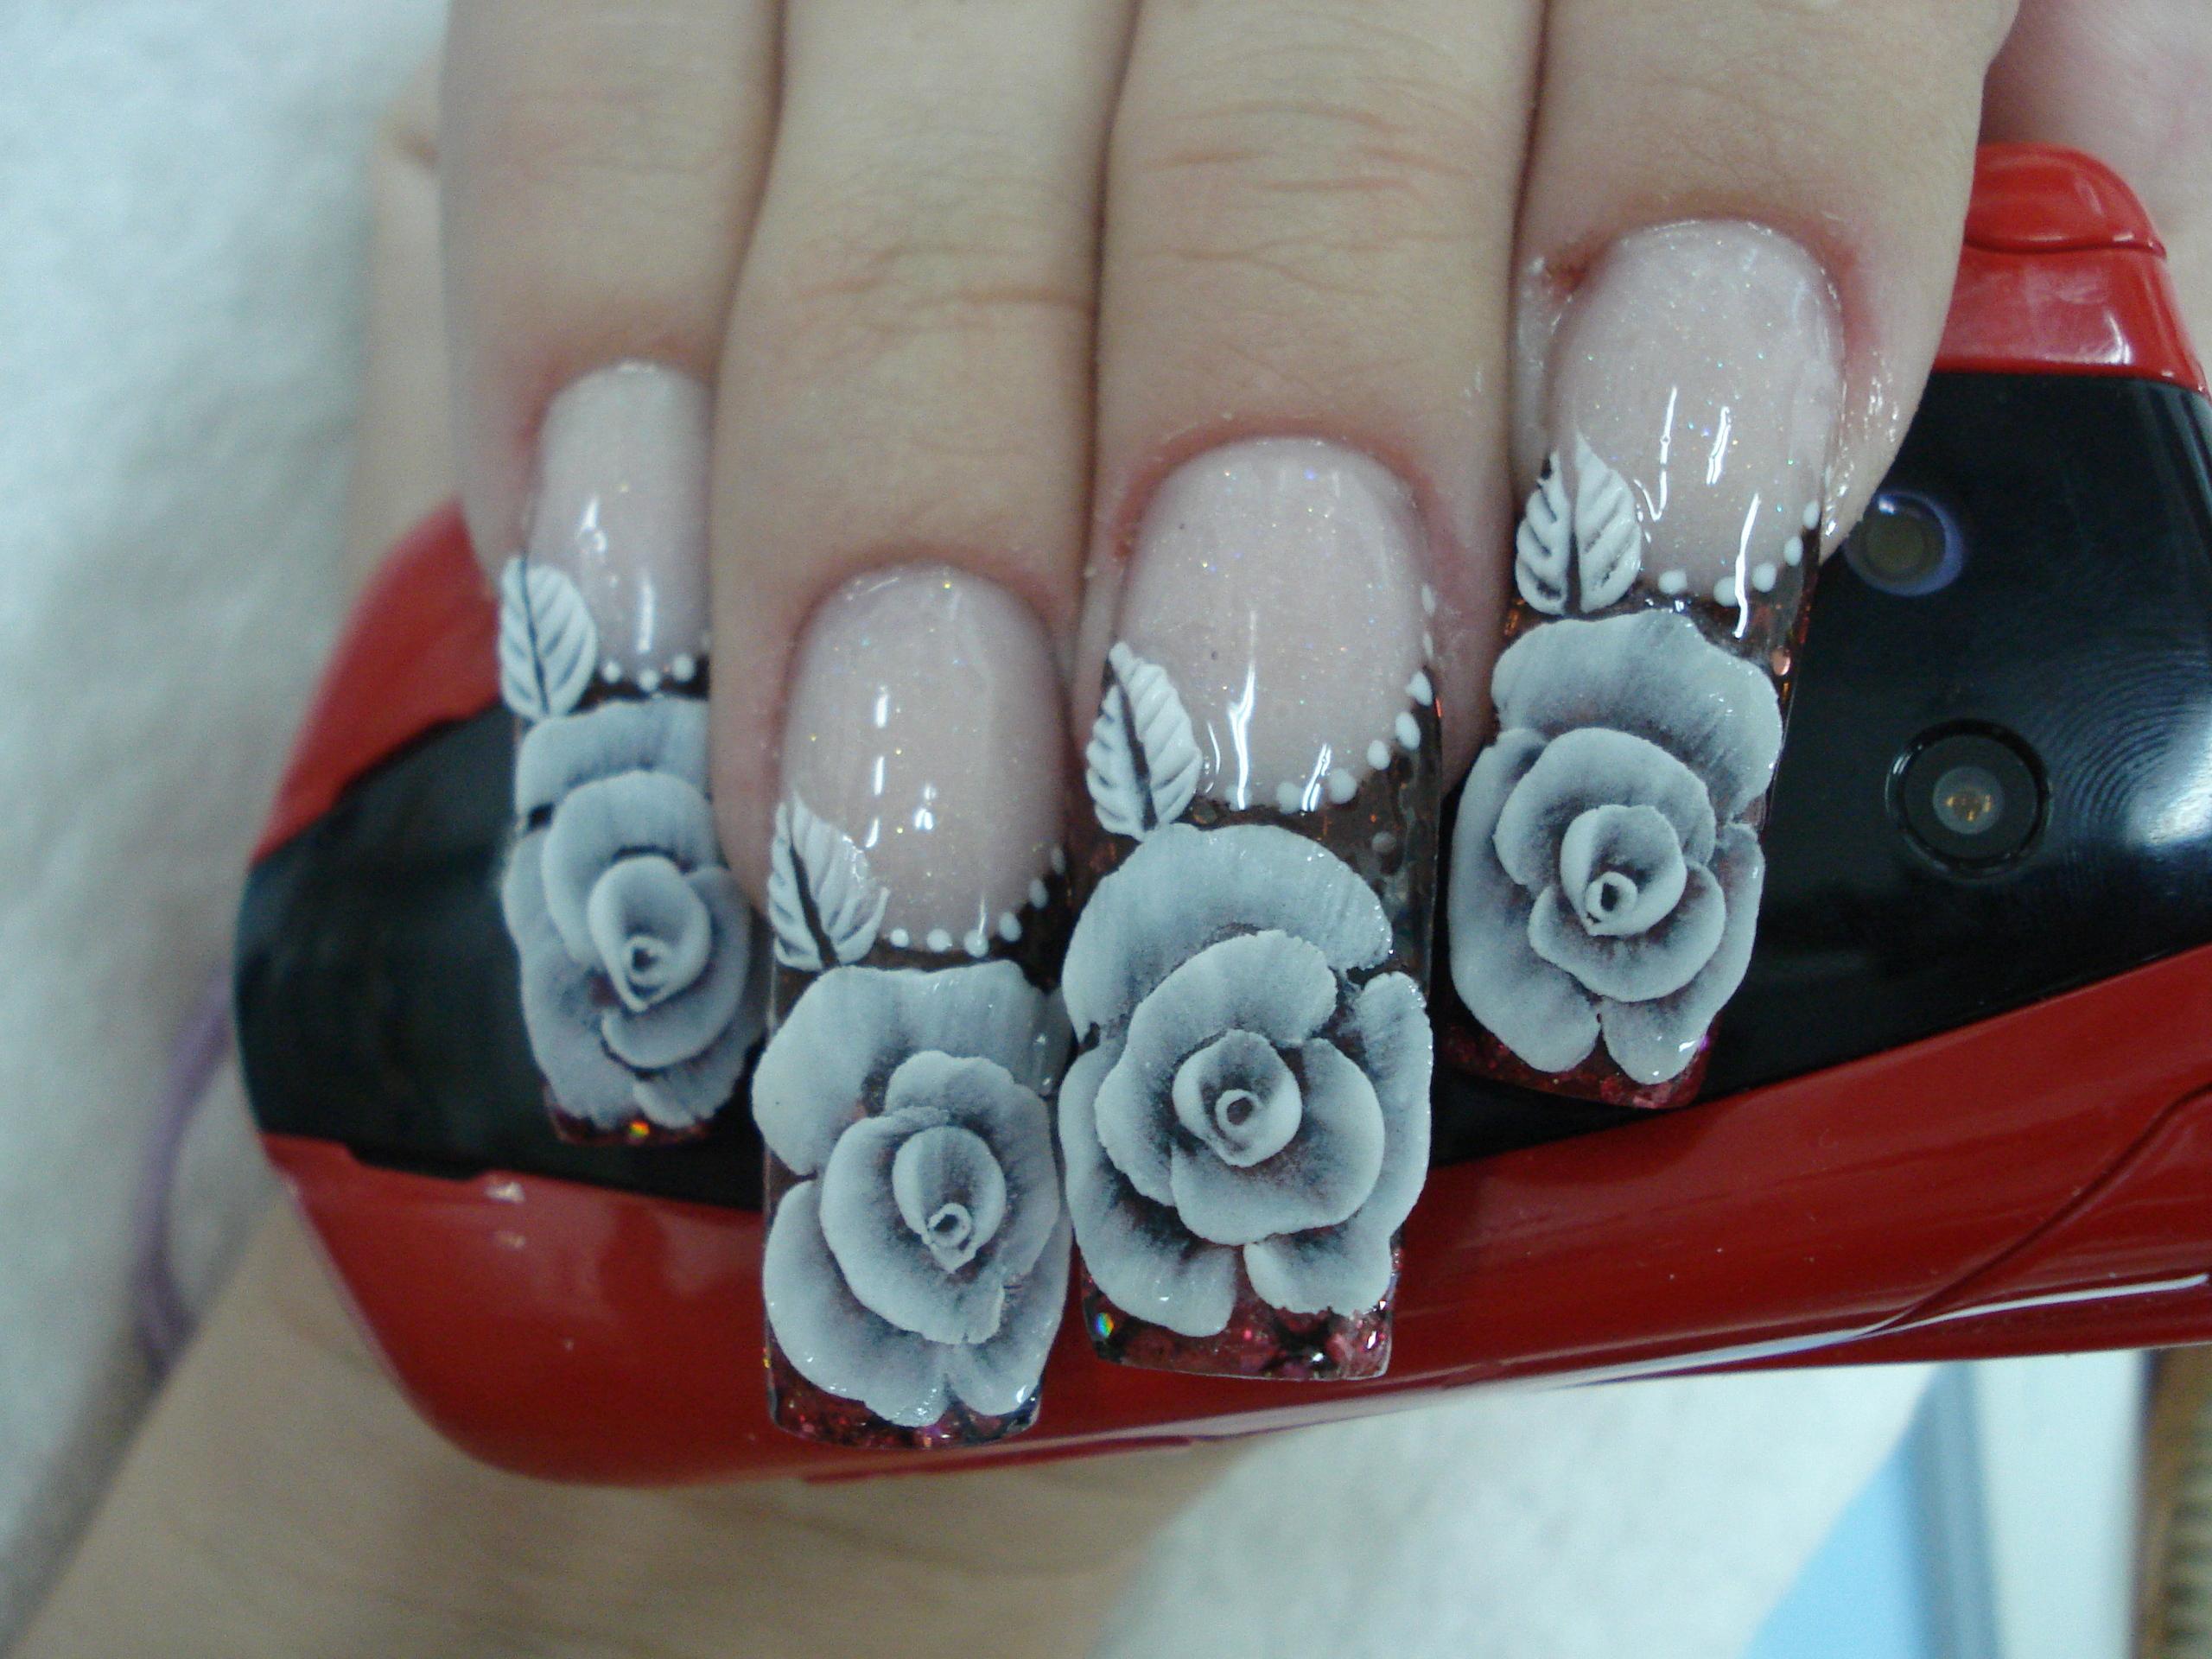 Nails Nail Art images awesome nail art wallpaper photos 23708300 2560x1920